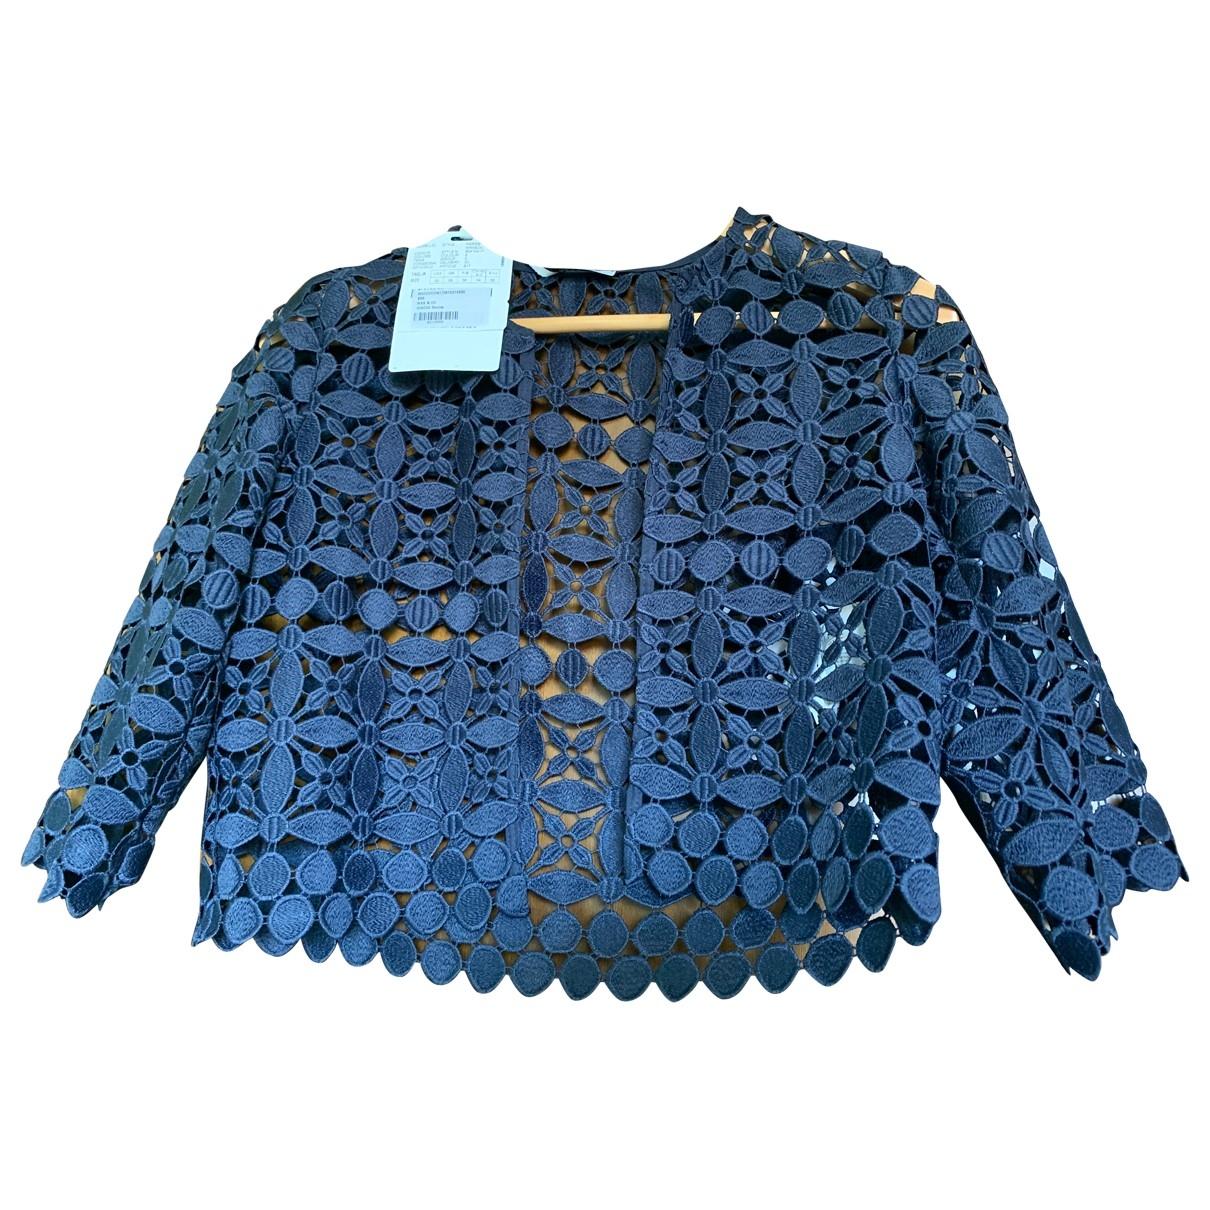 Max & Co \N Jacke in  Blau Polyester